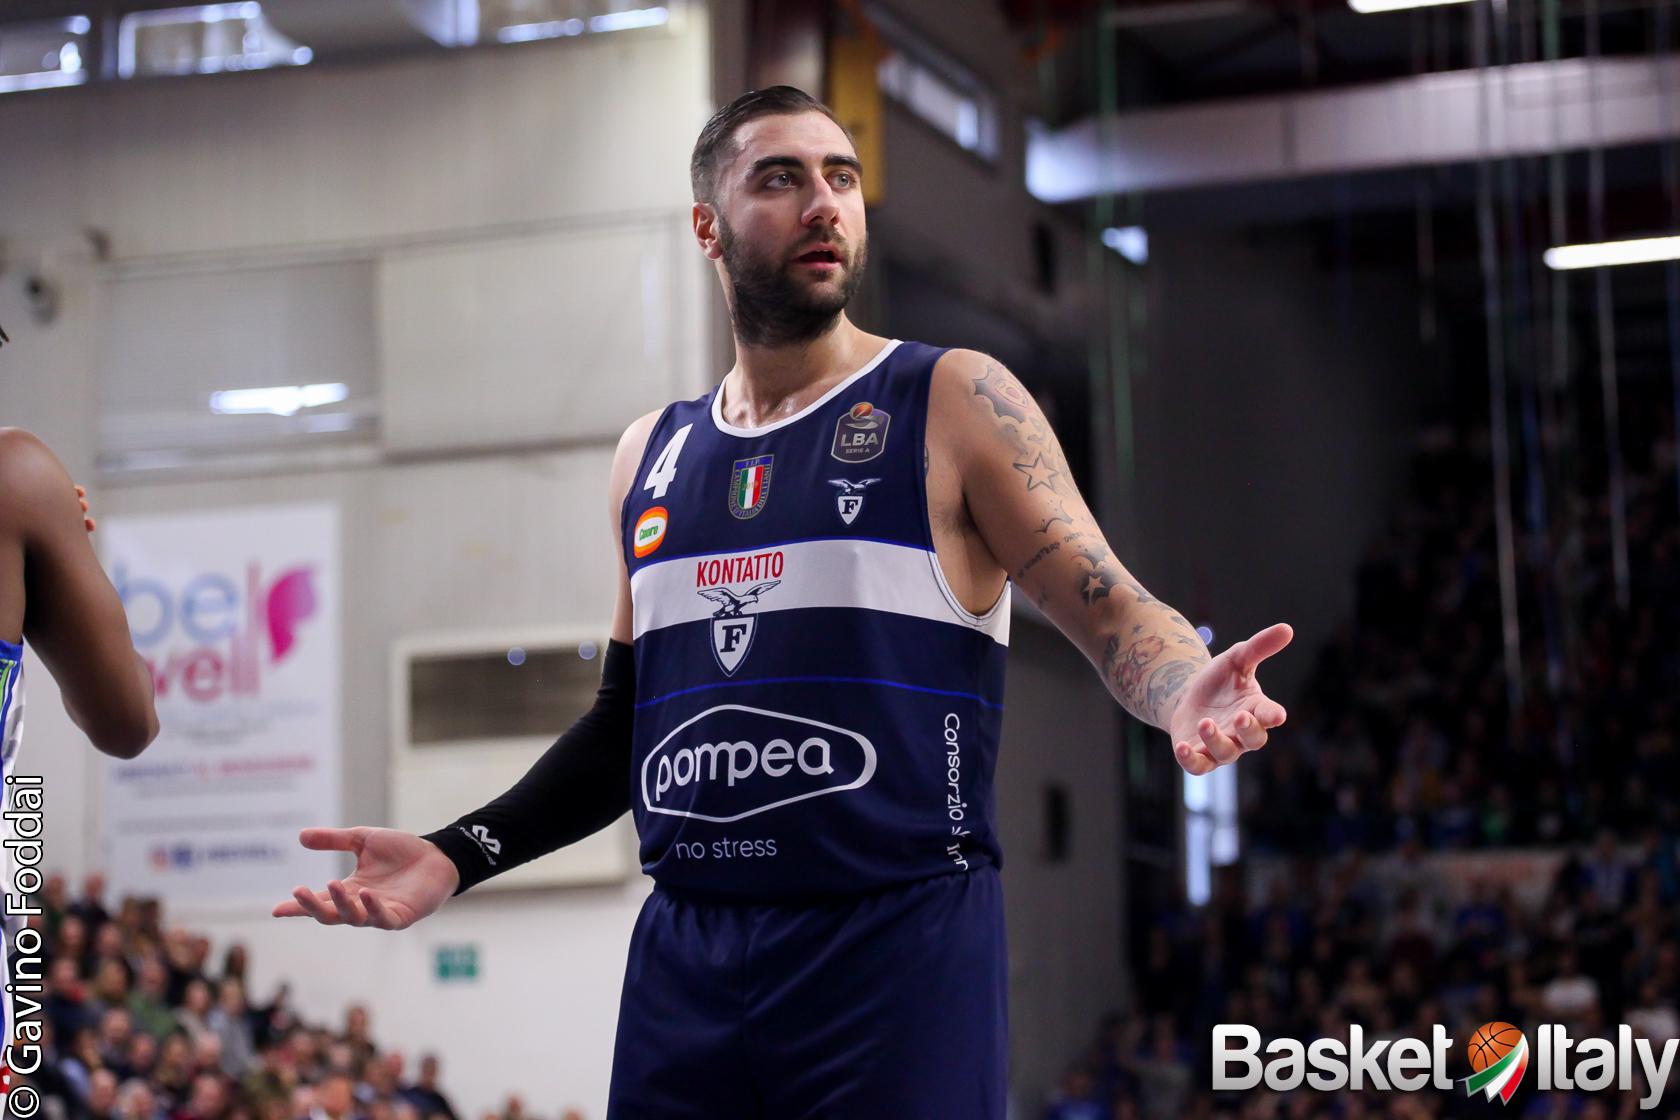 """Pietro Aradori: """"Non posso buttare via il rapporto con coach Sacchetti per delle incomprensioni"""""""